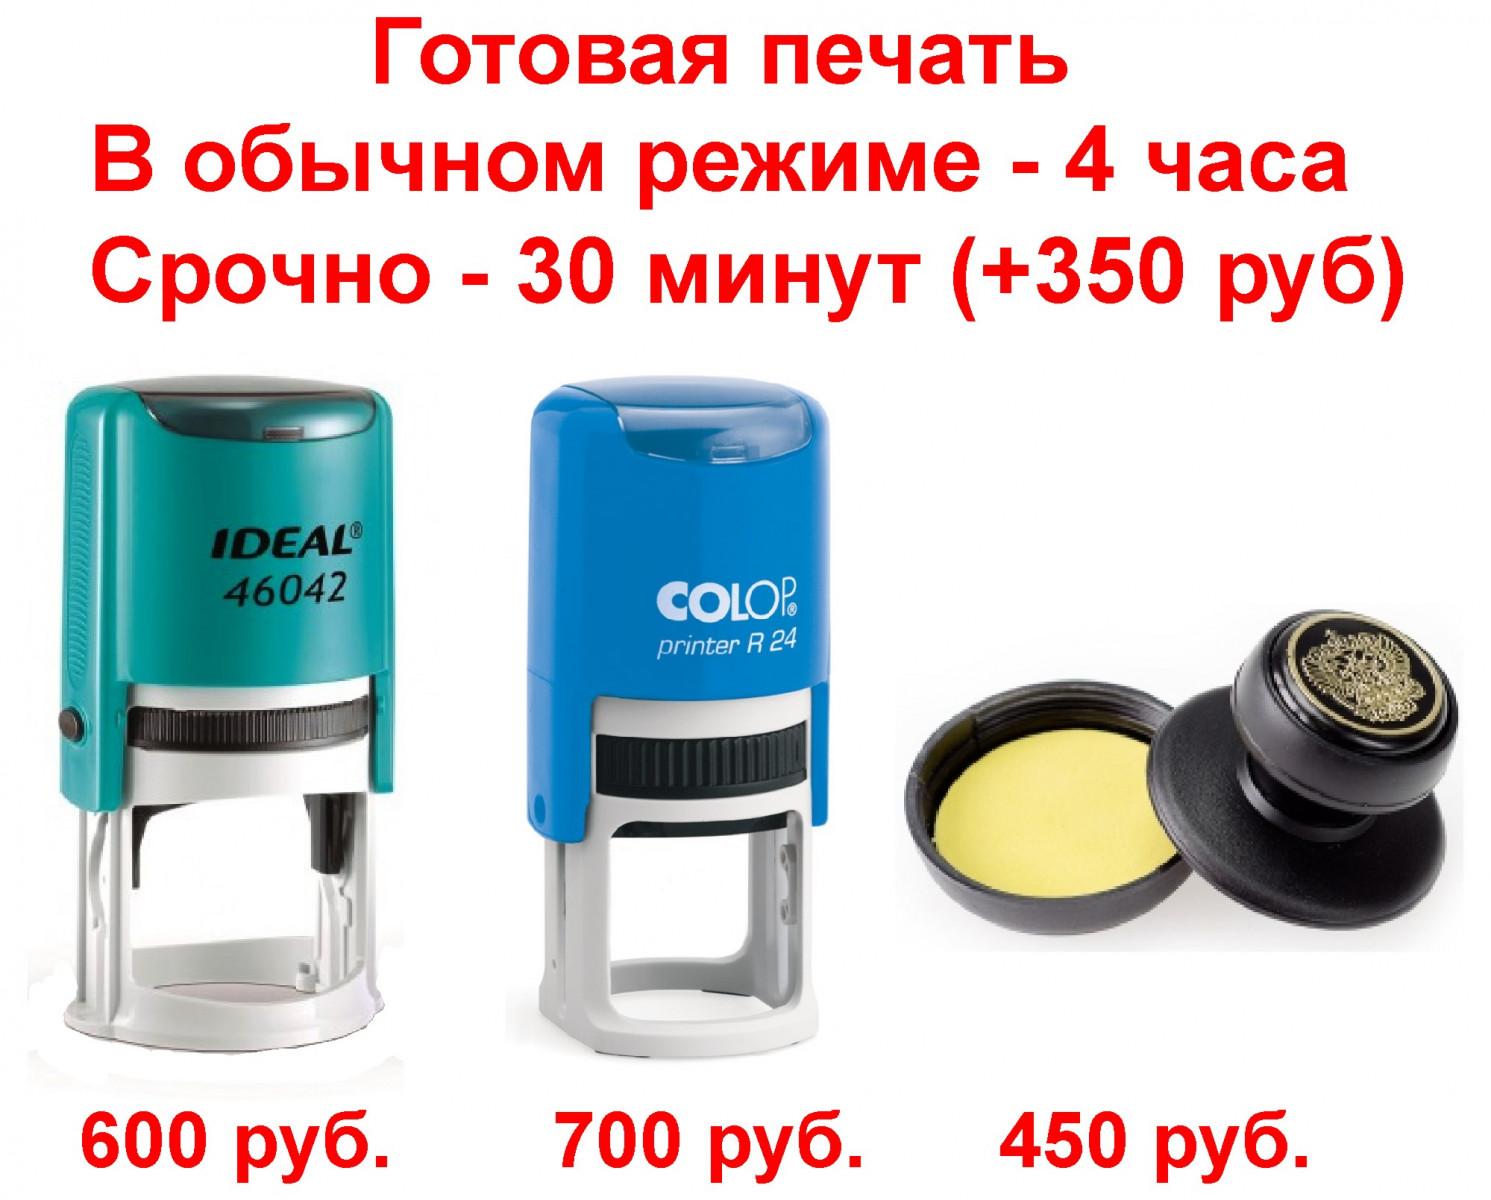 f01474c94 Заказать печать ООО в Челябинске | Изготовление печати организации